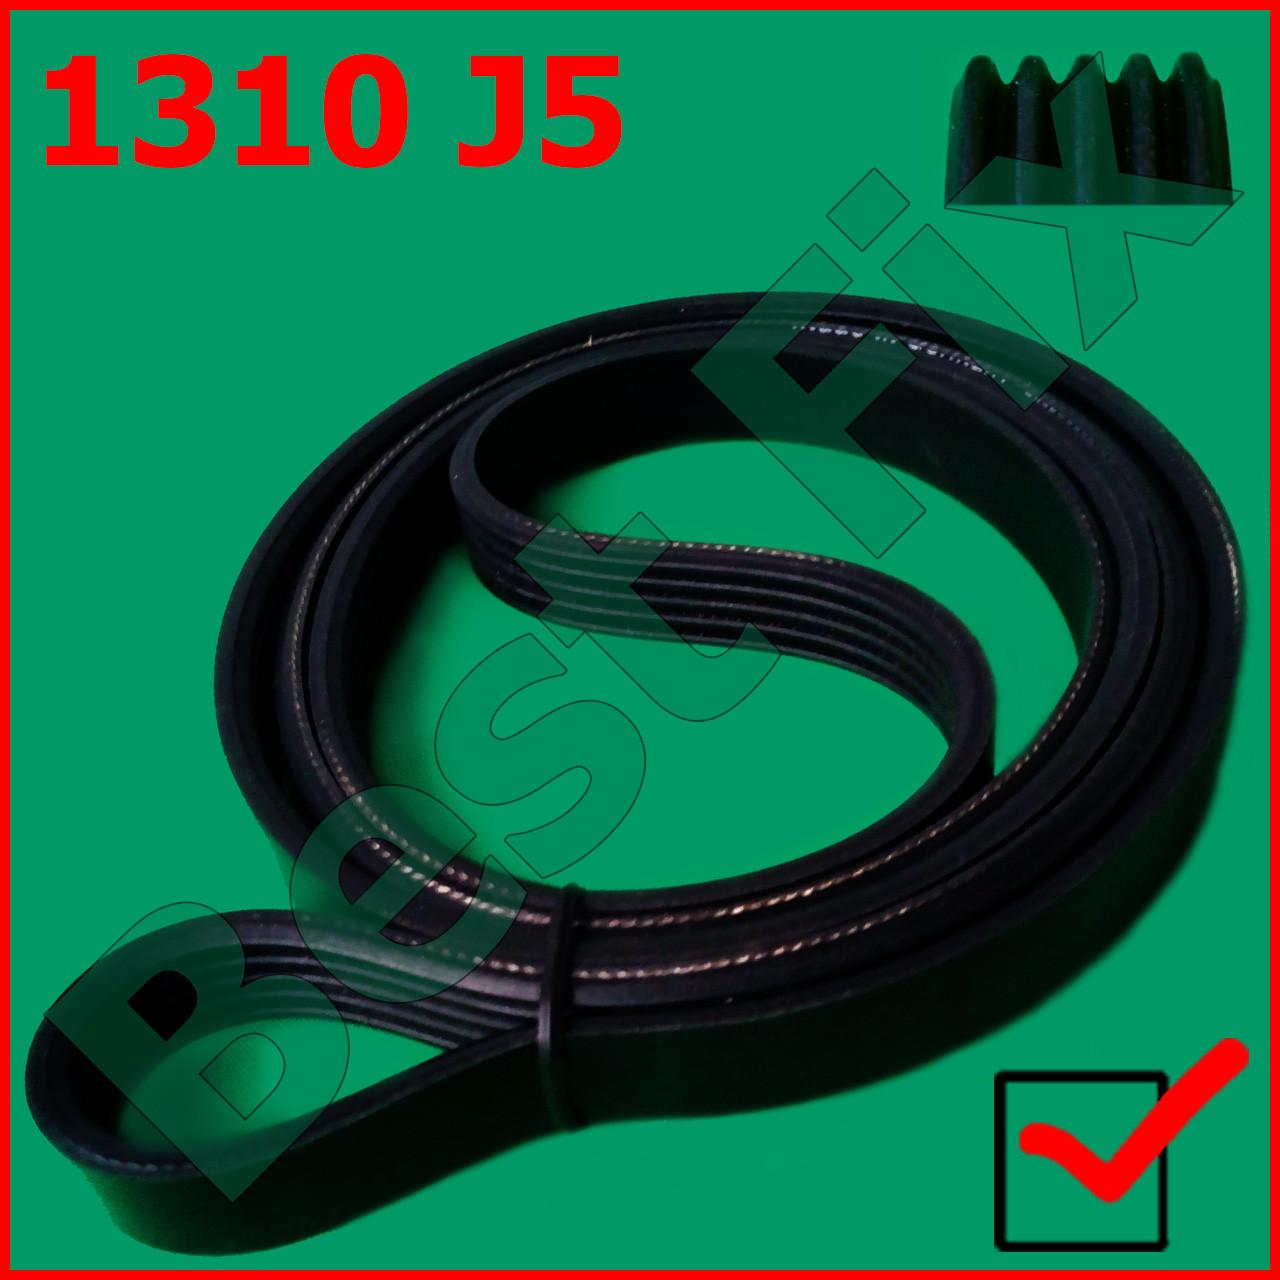 Ремень 1310 J5 PJ Optibelt черный L 1318 mm